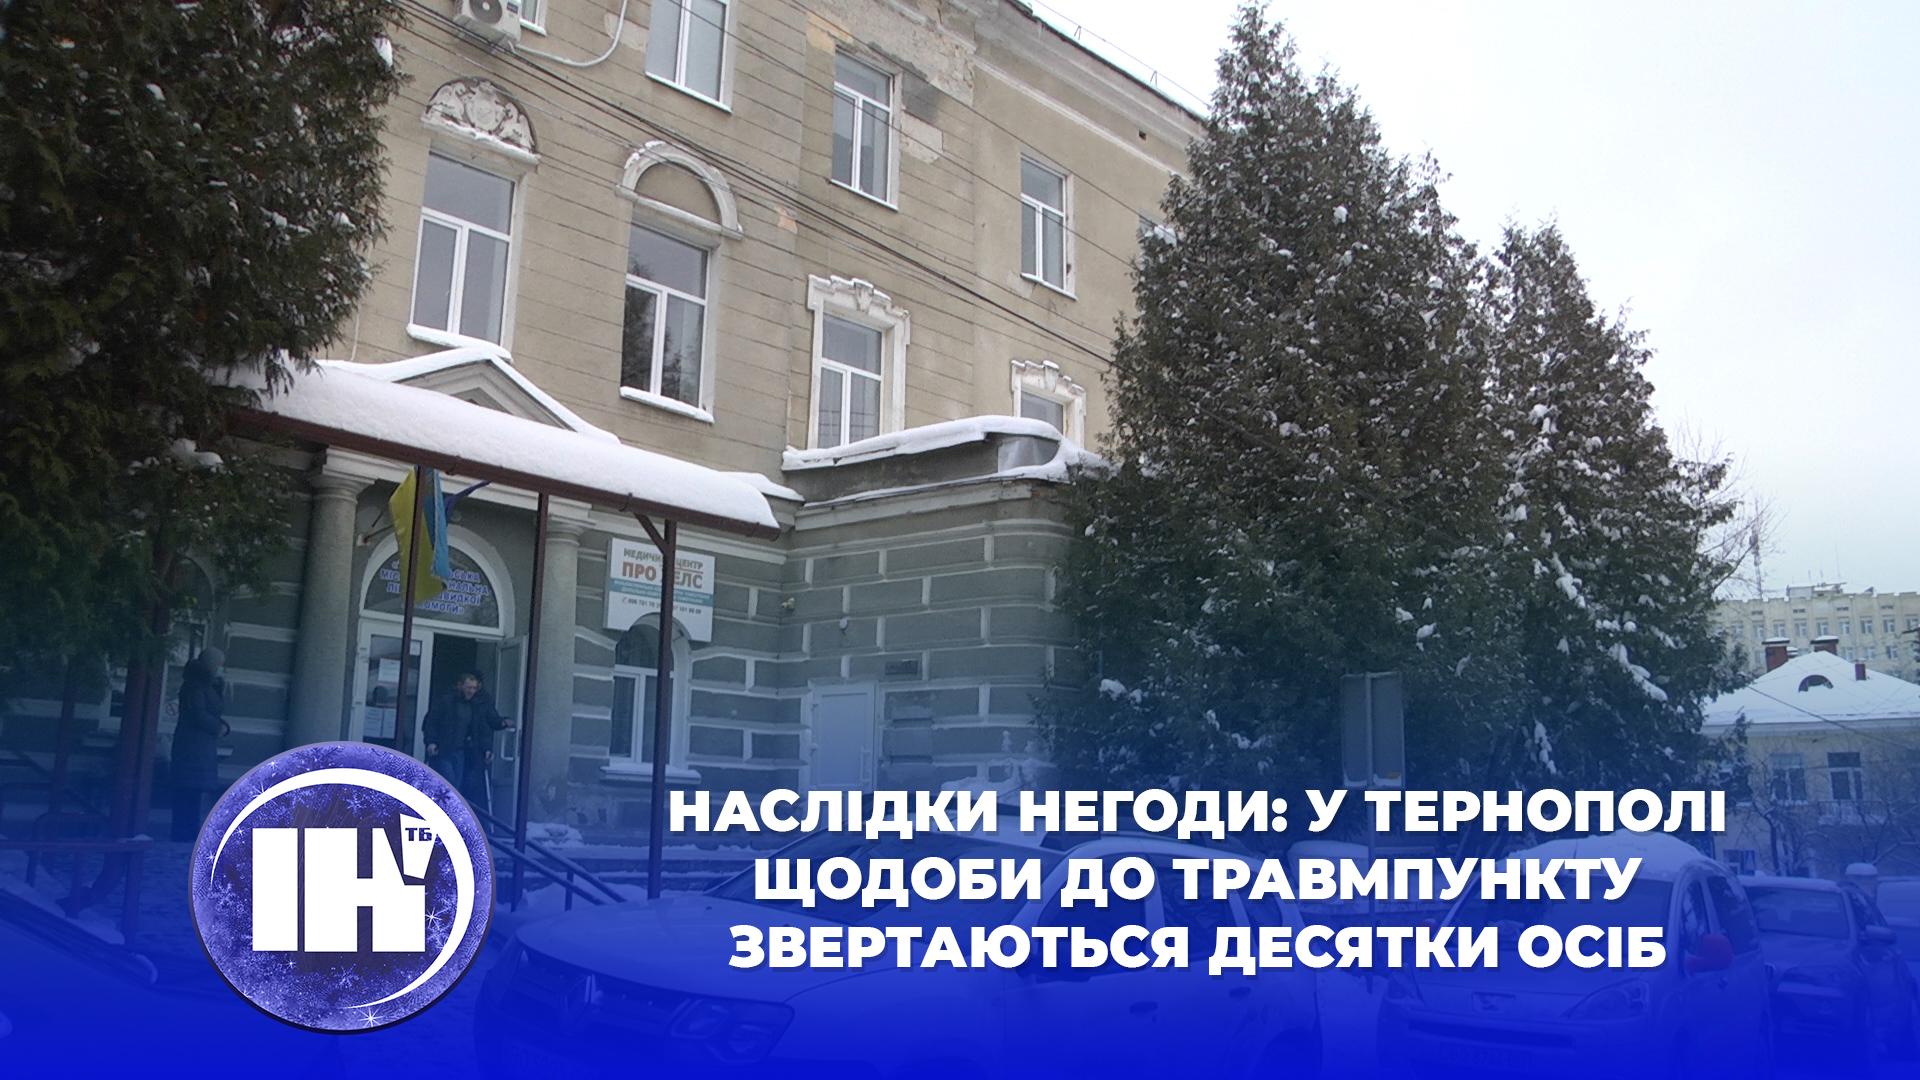 Наслідки негоди: у Тернополі щодоби до травмпункту звертаються десятки осіб